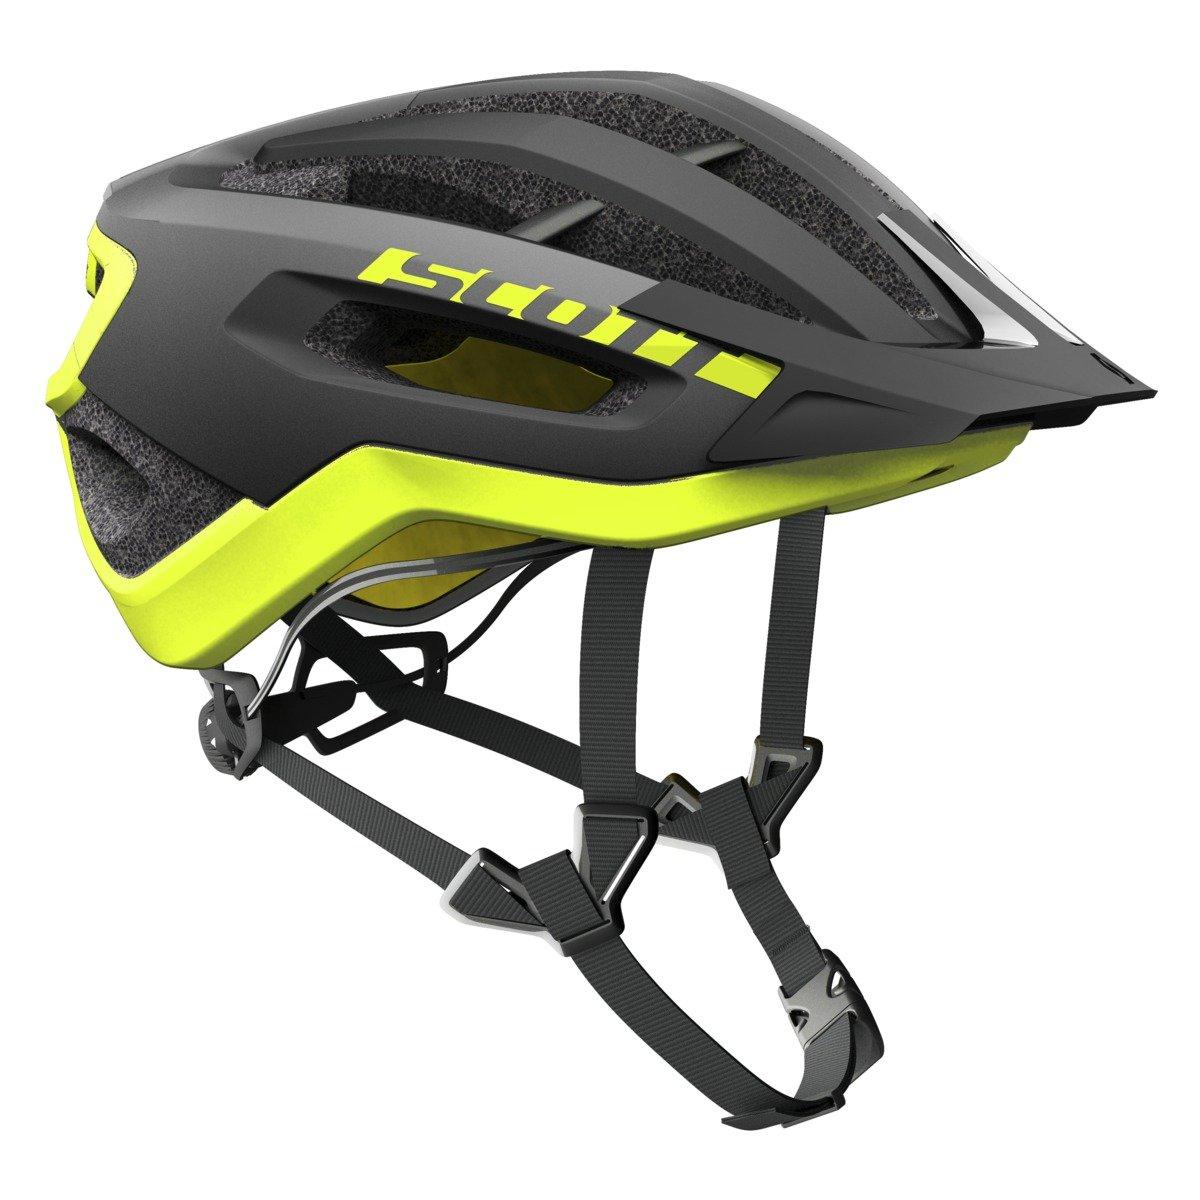 SCOTT(スコット) ヘルメット 自転車用ヘルメット Fuga PLUS ブラック、イエローRC L/59-61cm  B01LCLW58U